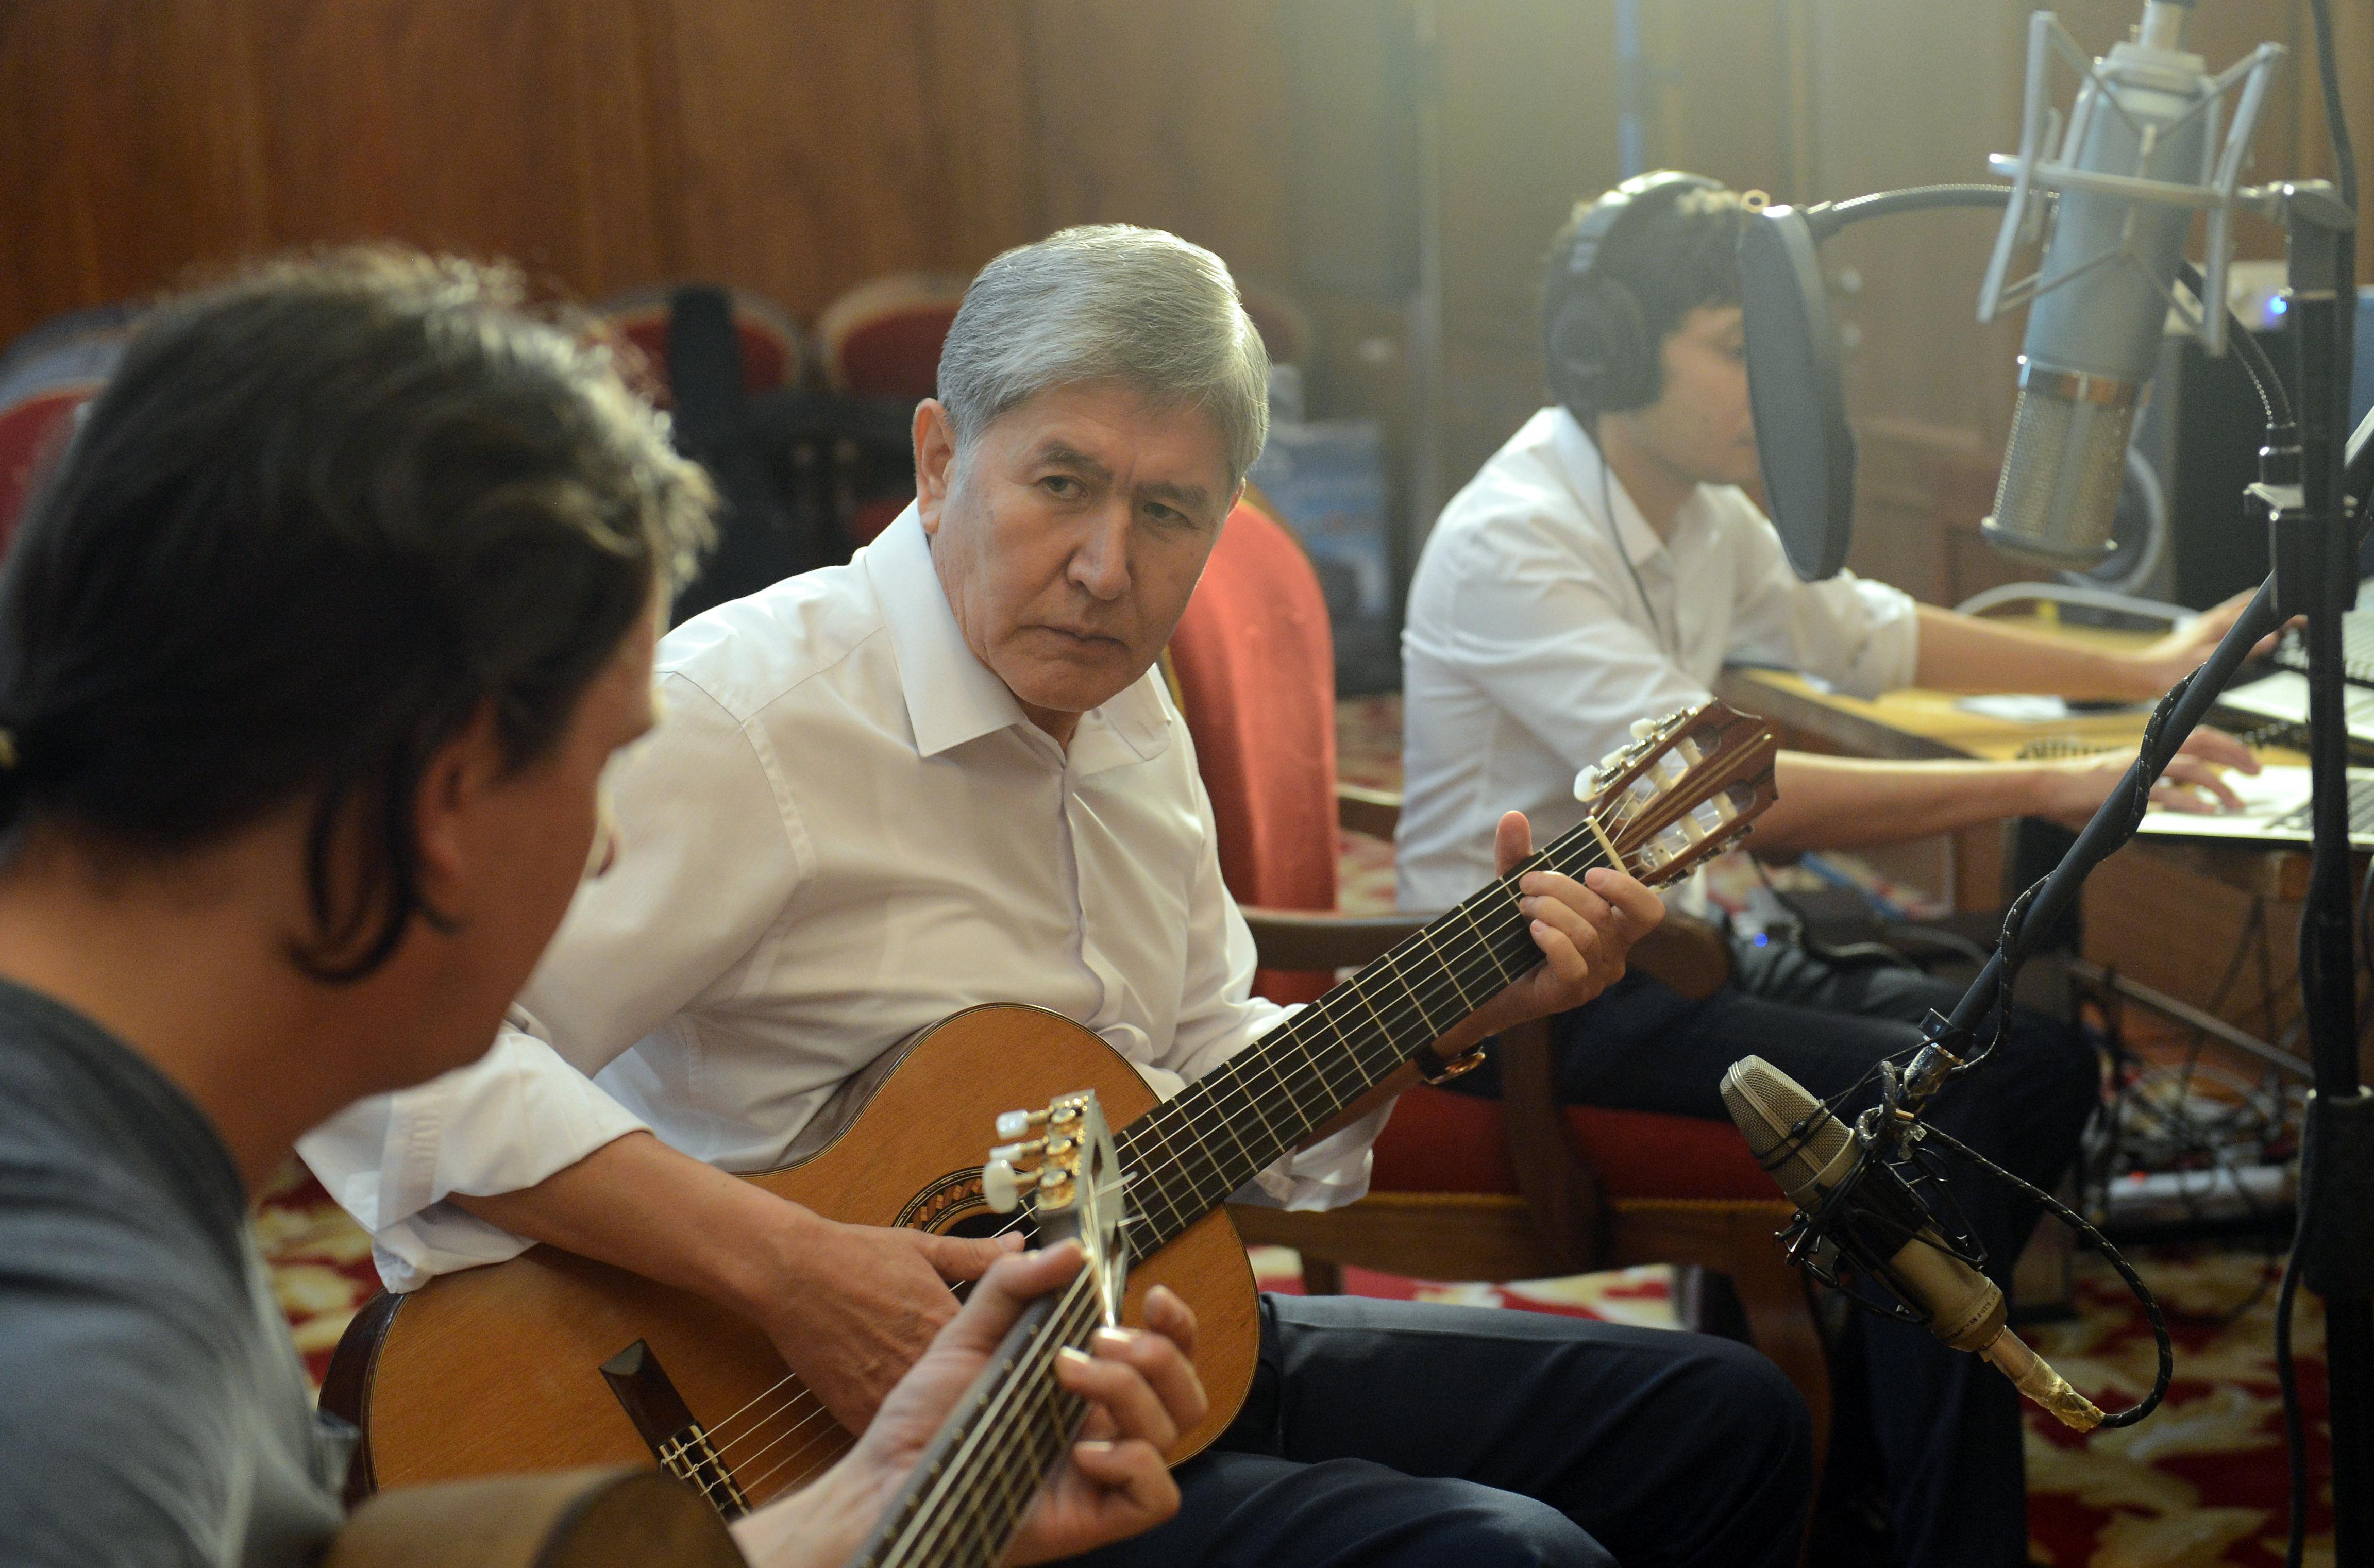 Запись пяти песен президента Кыргызской Республики Алмазбека Атамбаева, занявшее 47 минут. 17 июня 2016 года, город Бишкек